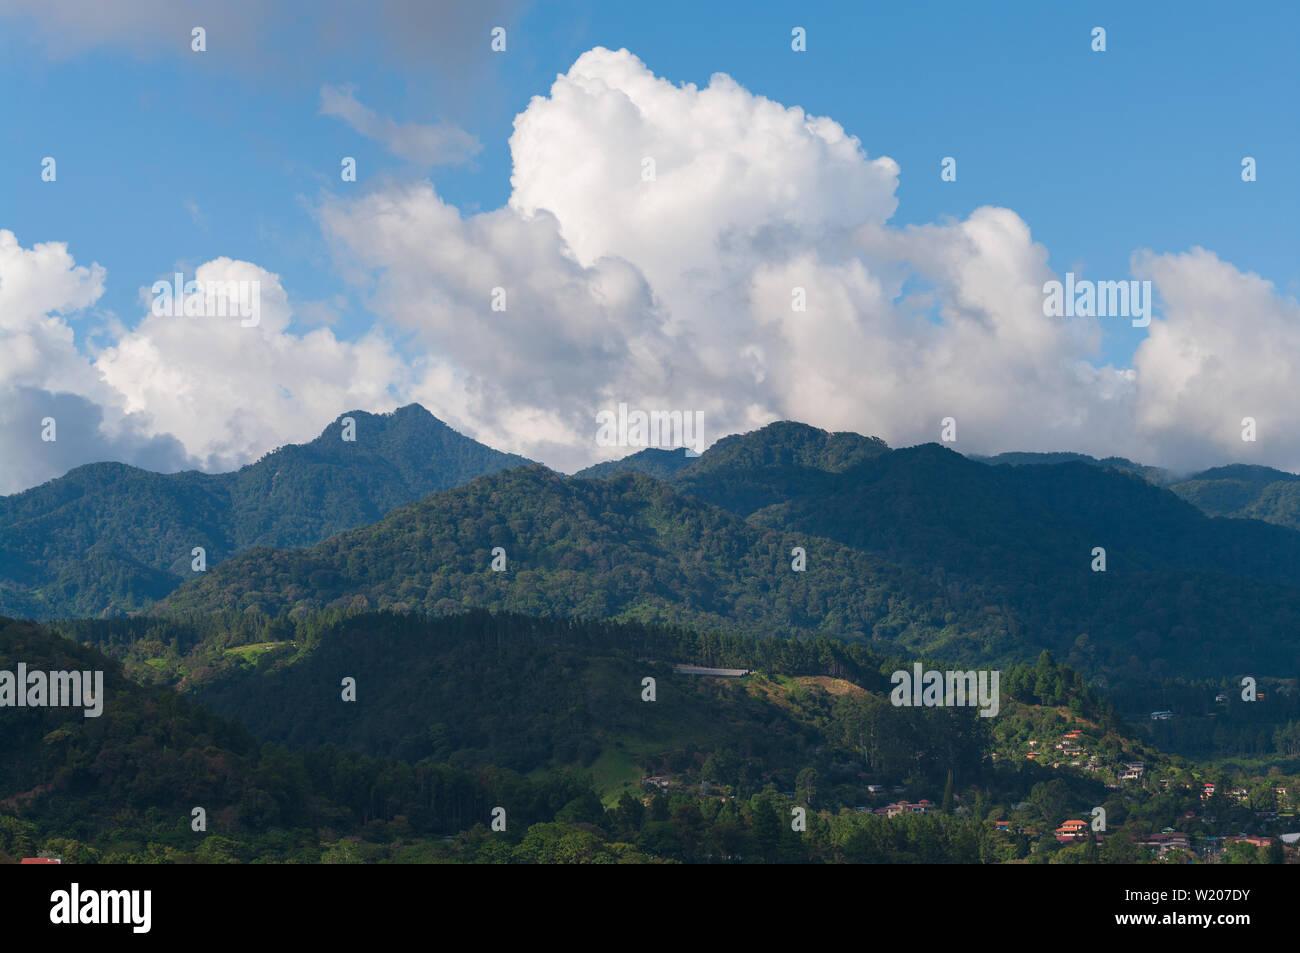 Immagine che mostra un paesaggio panama preso dalla città di Boquete in Chiriqui provincia guardando verso il Volcan Baru area. Foto Stock